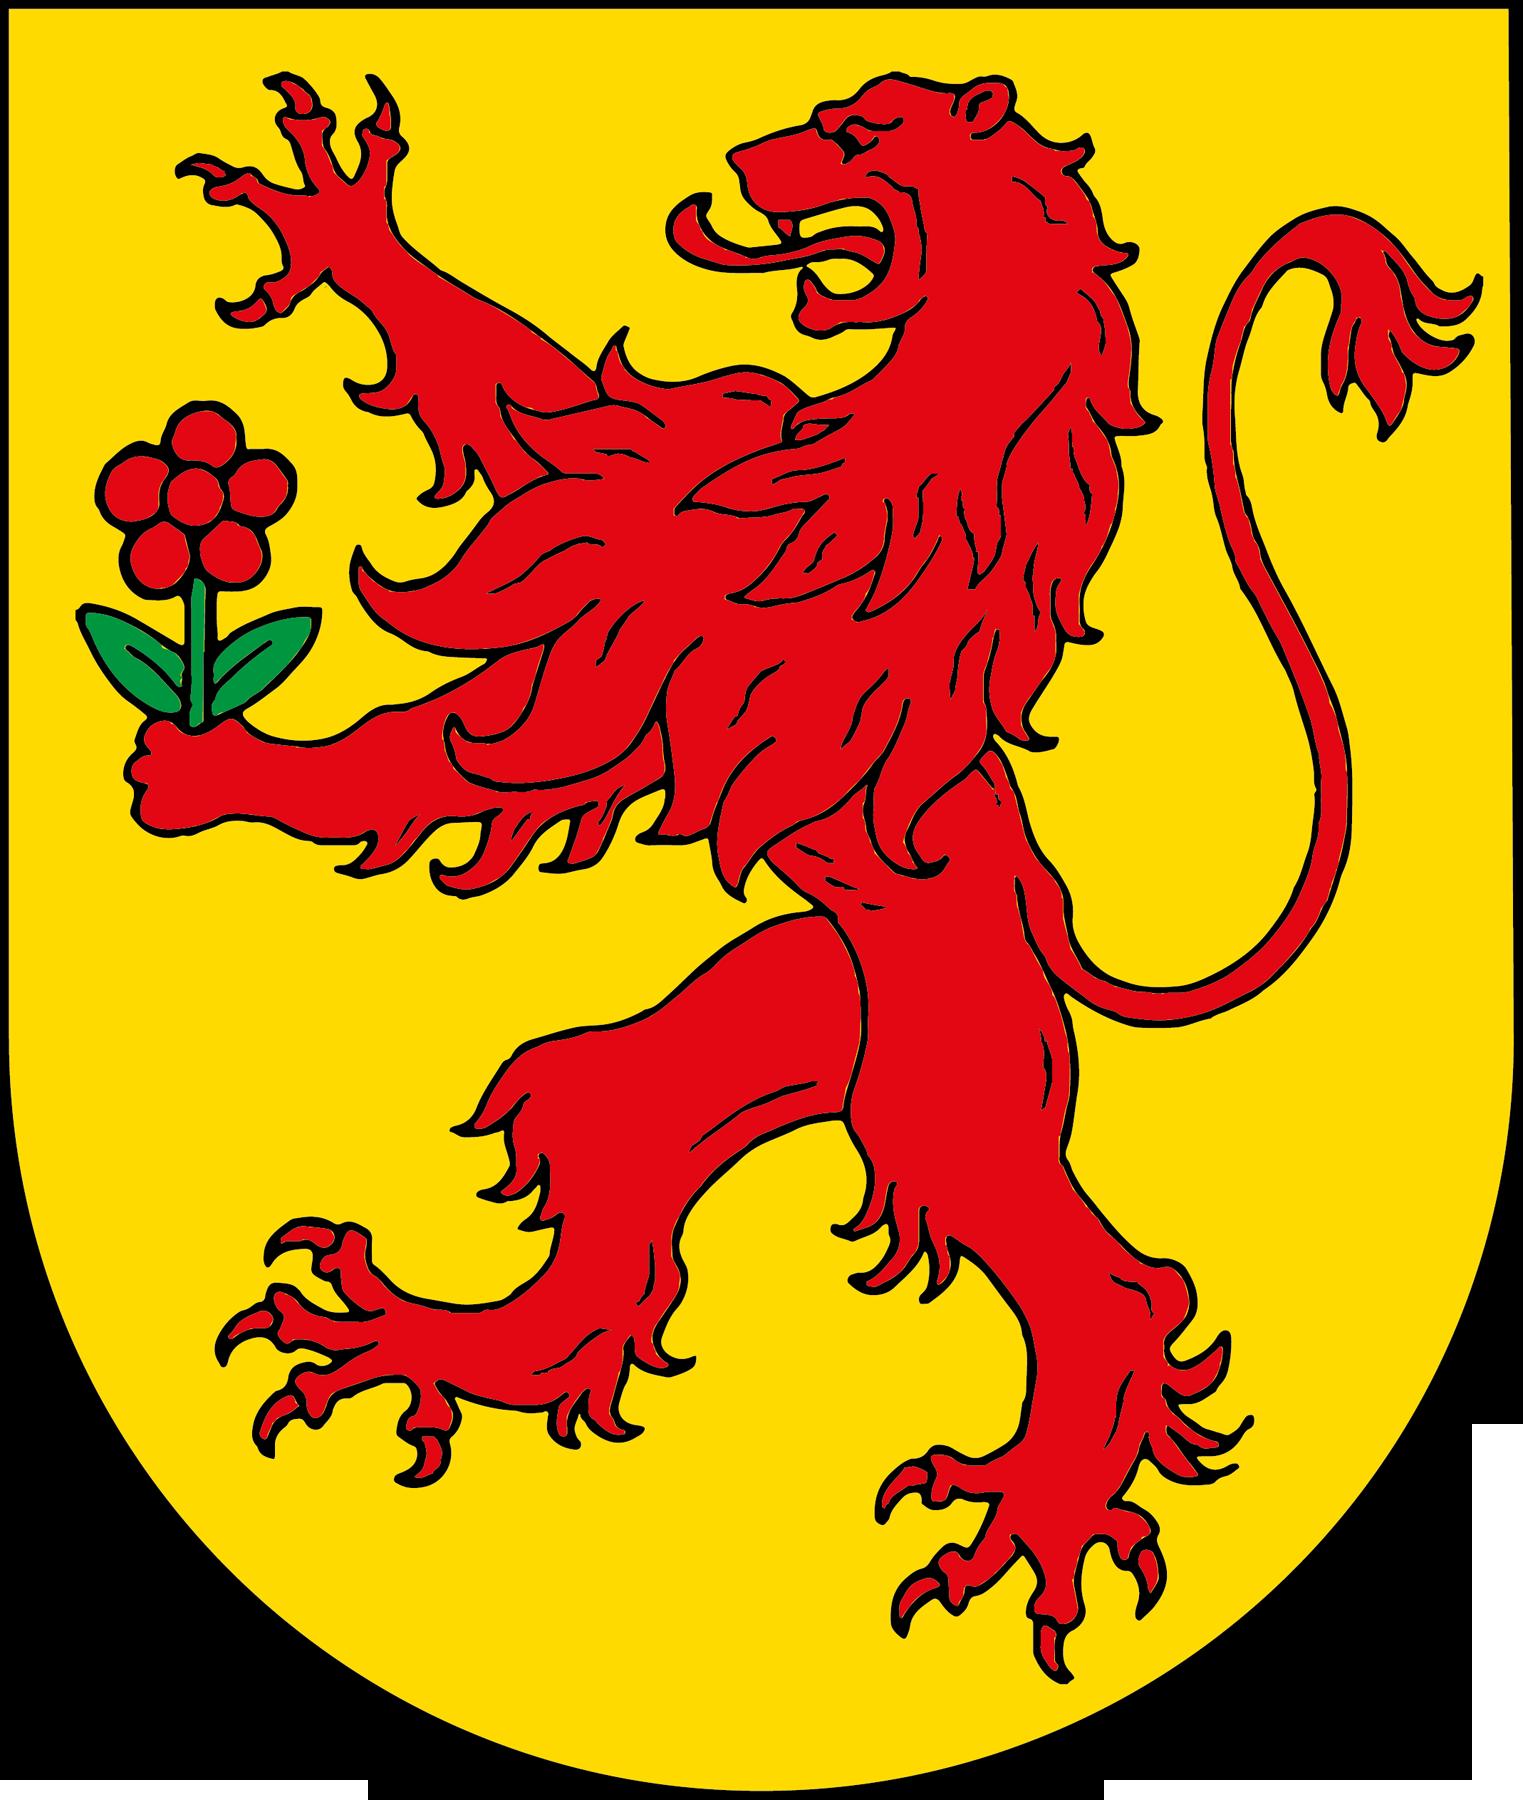 Wappen der Stadt Rheinfelden: Roter Löwe mit Rose auf gelbem Grund.